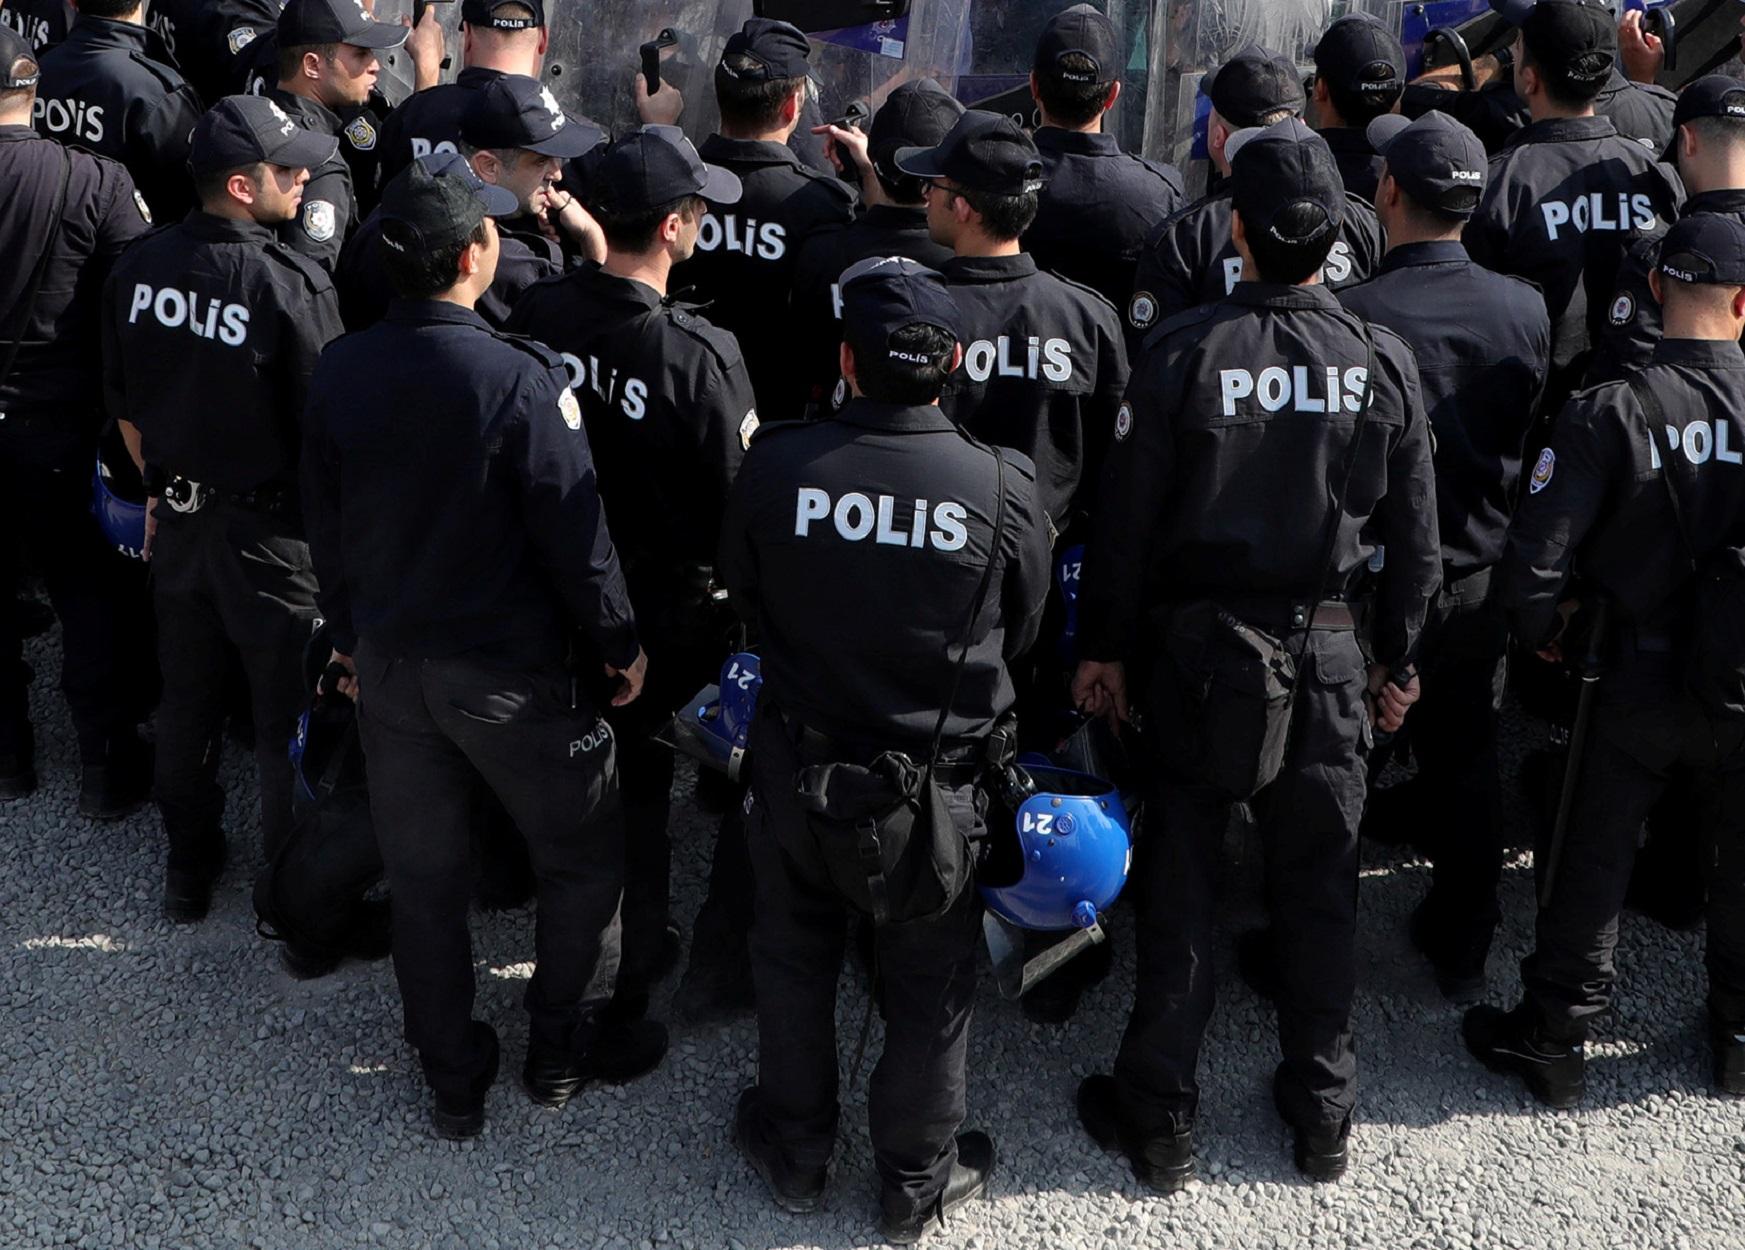 Τουρκία: Ισόβια σε 121 υπόπτους για το αποτυχημένο πραξικόπημα του 2016